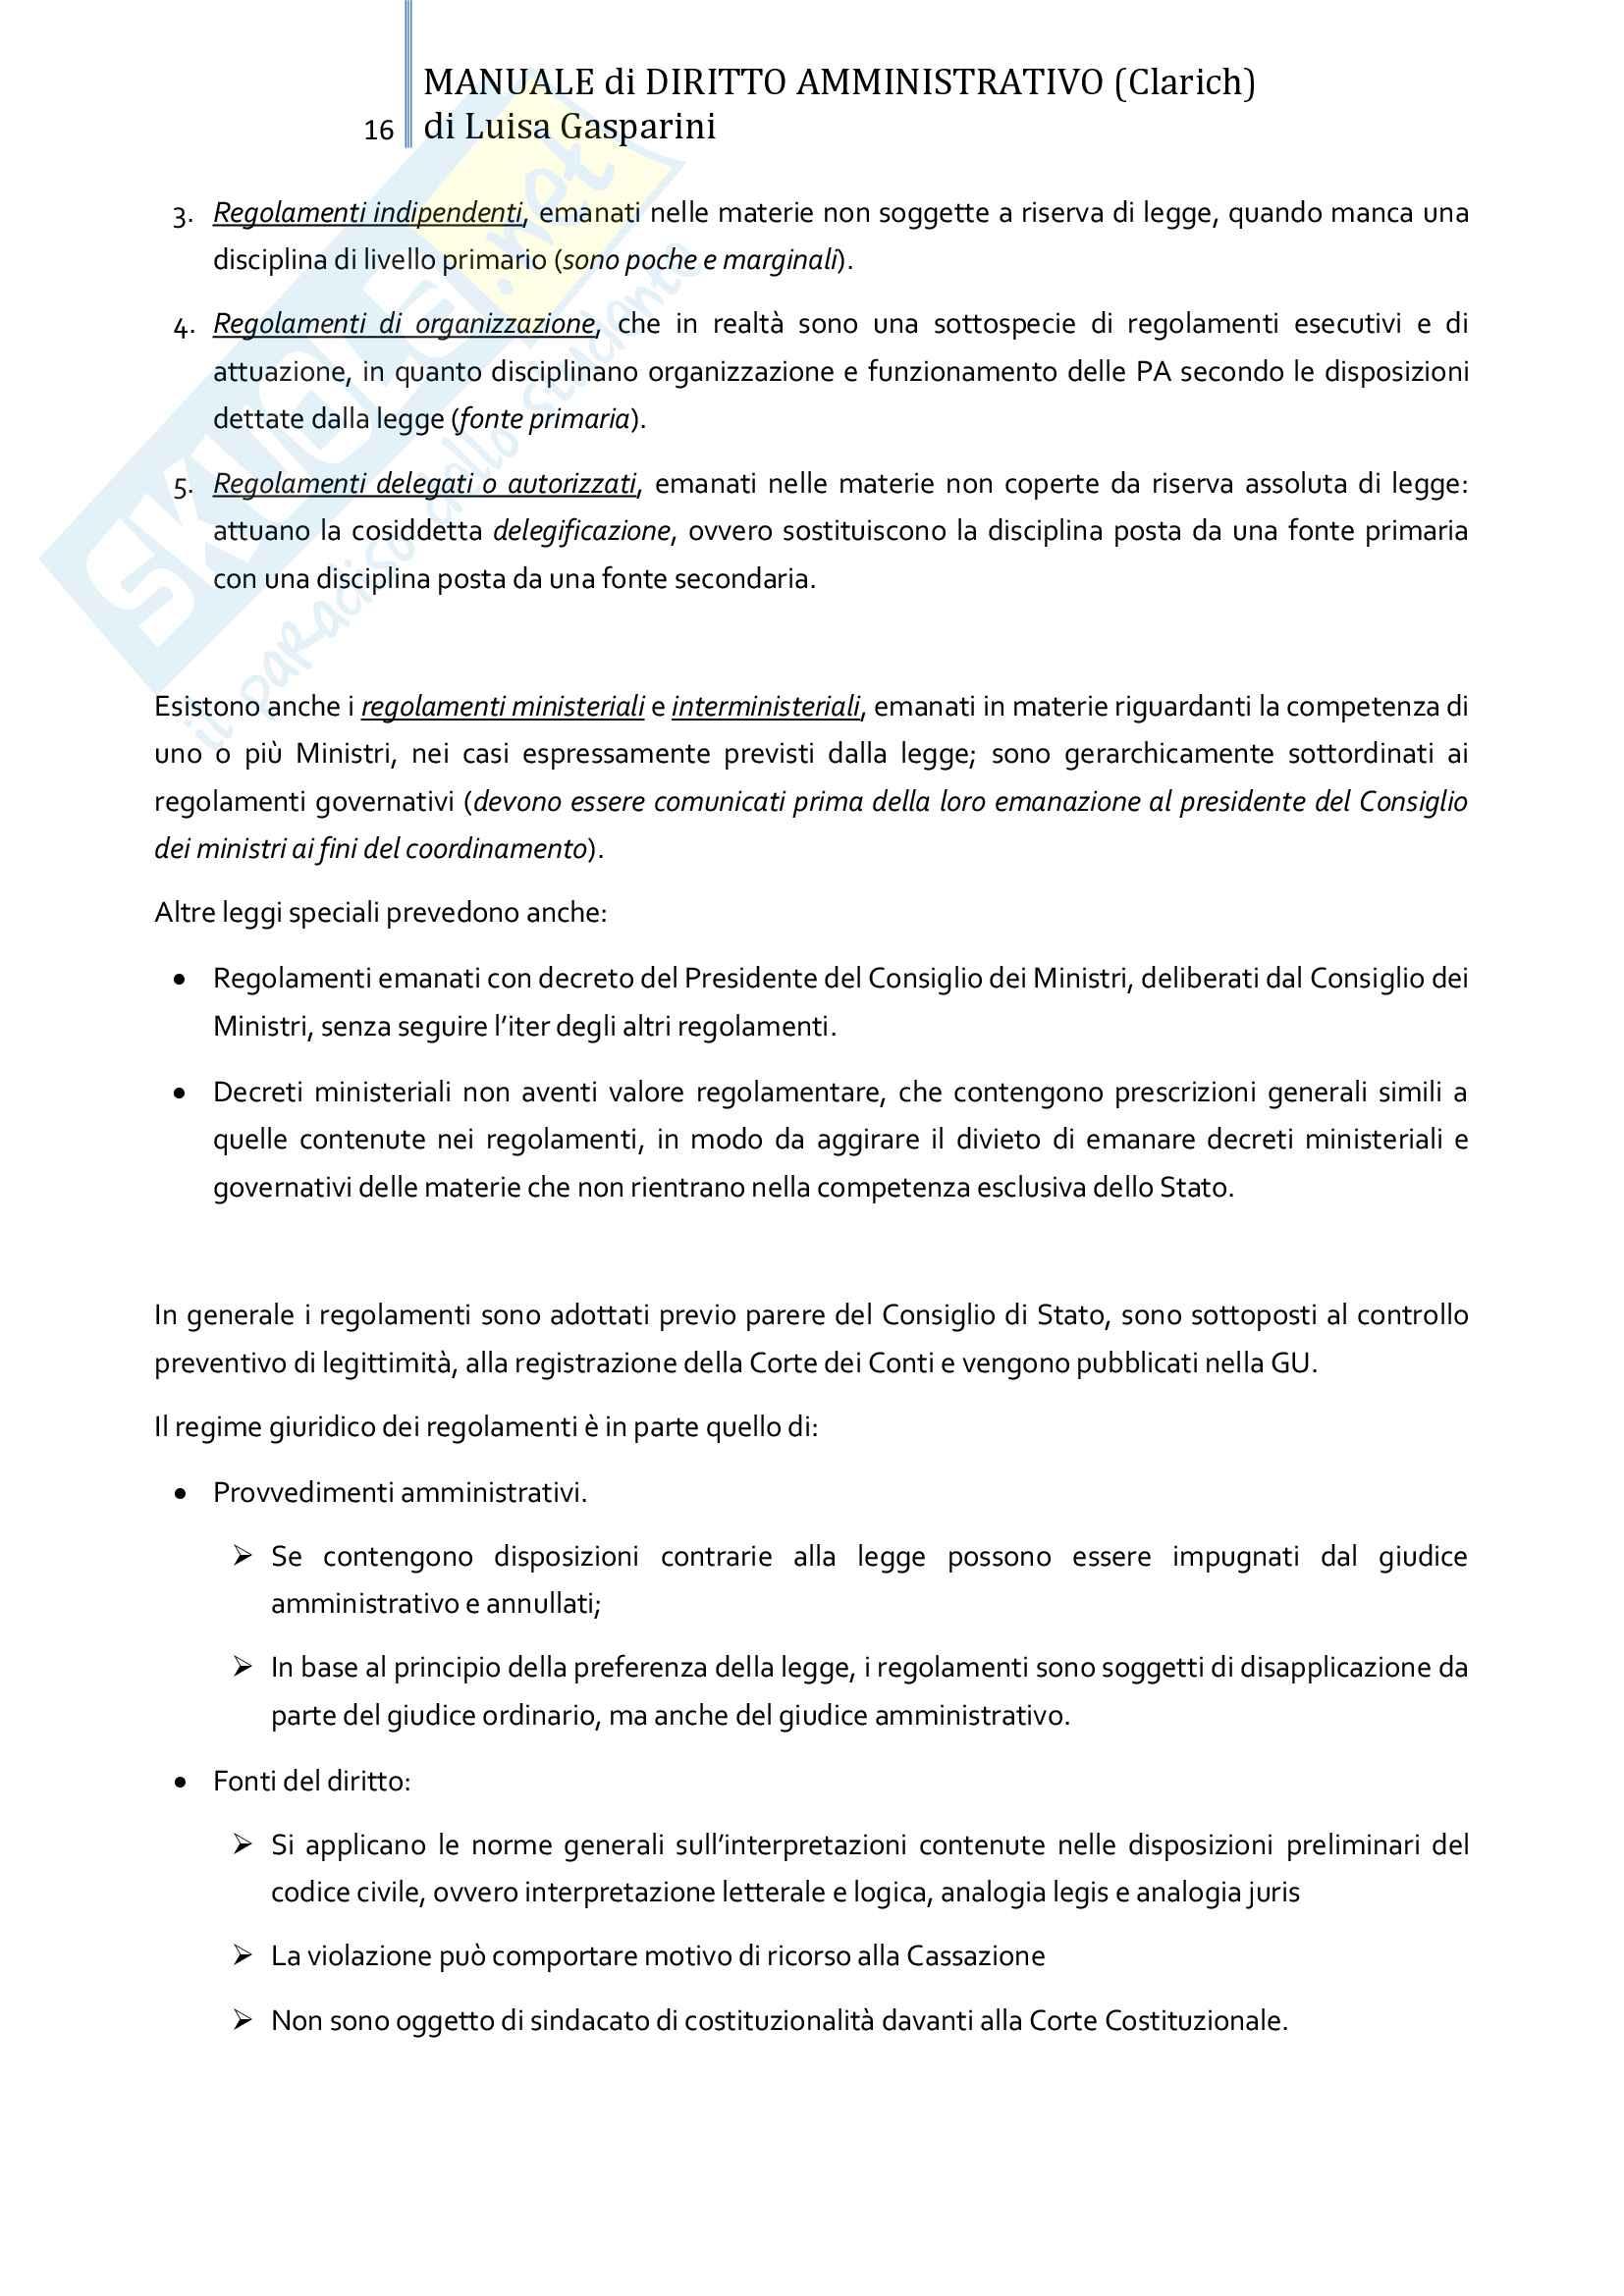 Riassunto esame Diritto amministrativo, professor Leonardi. Testo consigliato Manuale di Diritto Amministrativo, Clarich Pag. 16